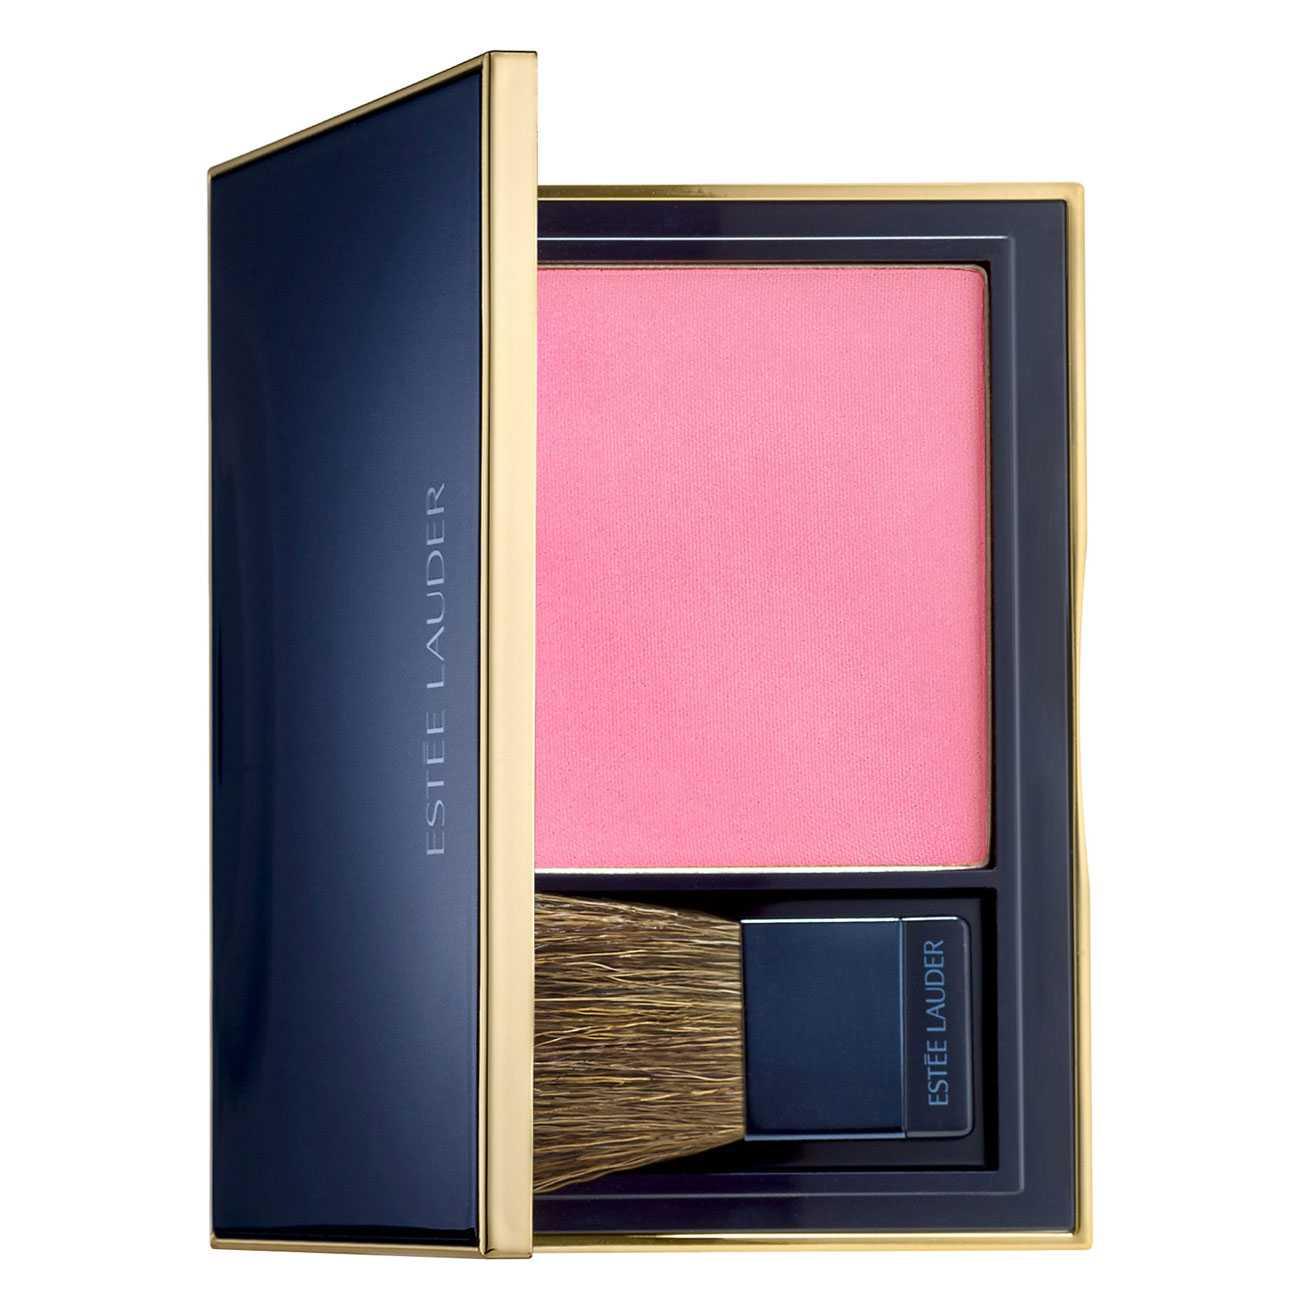 Pure Color Envy Sculpting Blush 7 G Pink Tease 210 Estée Lauder imagine 2021 bestvalue.eu